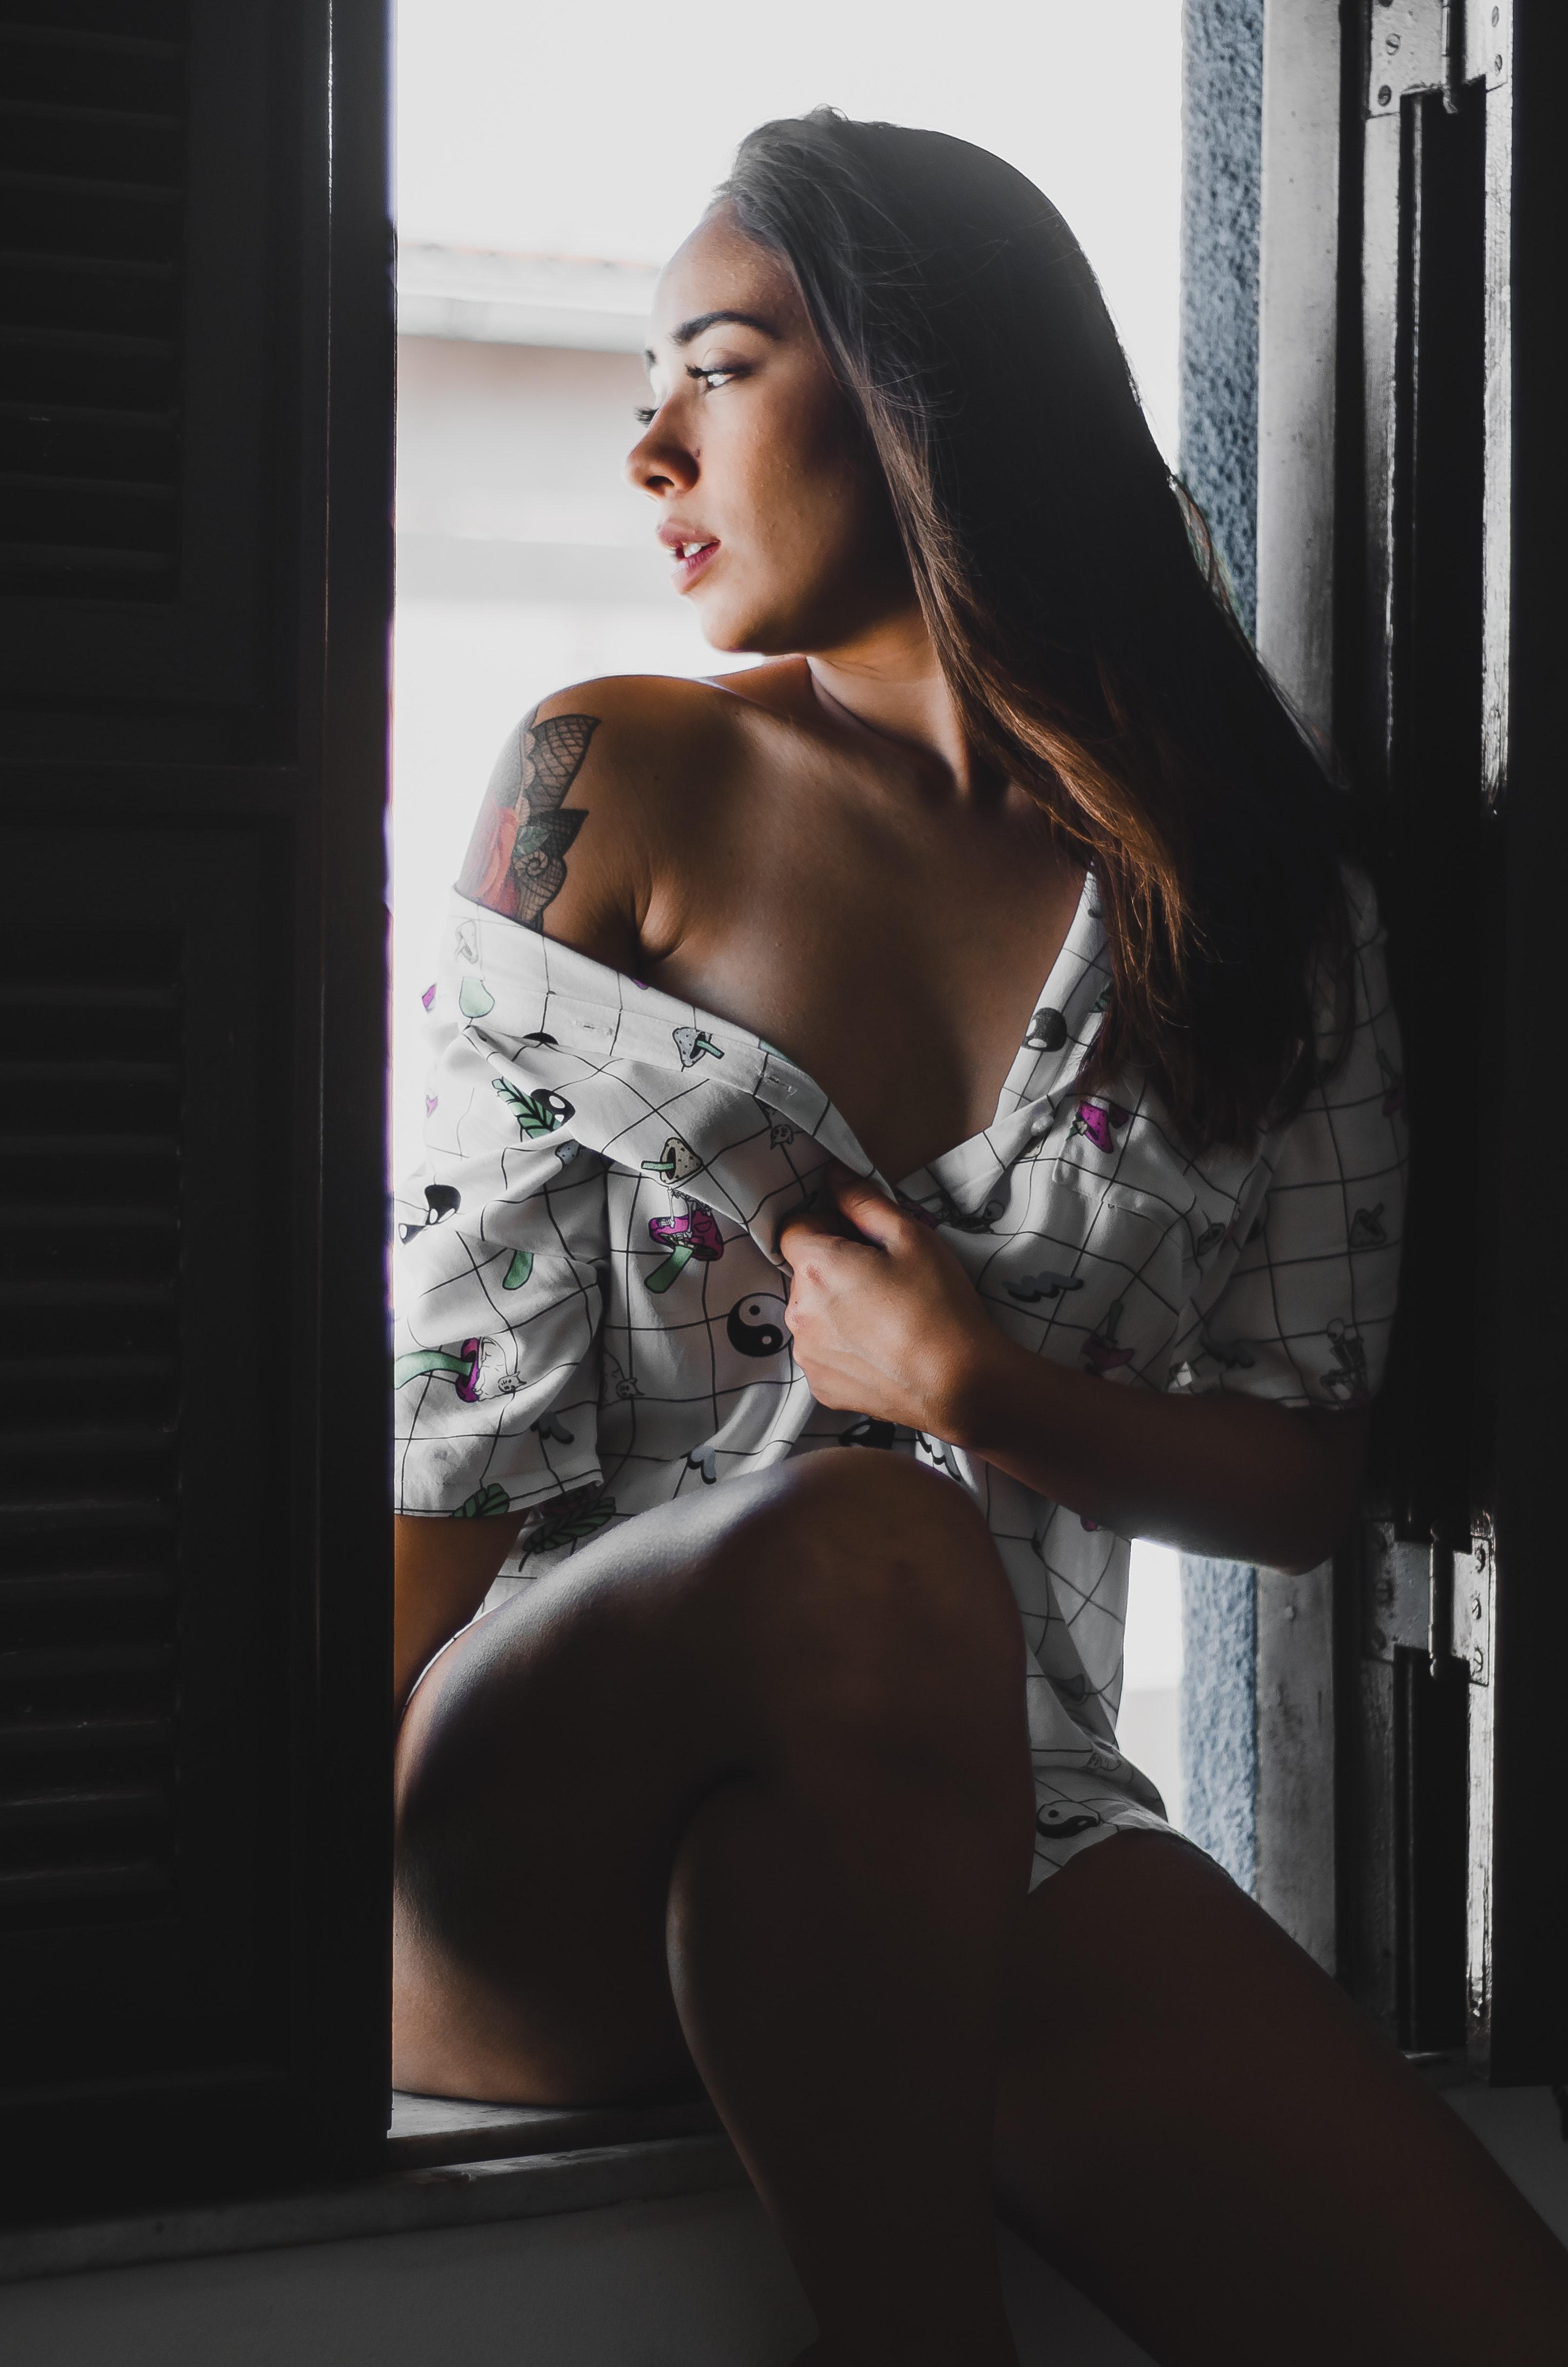 Brunett naken modell